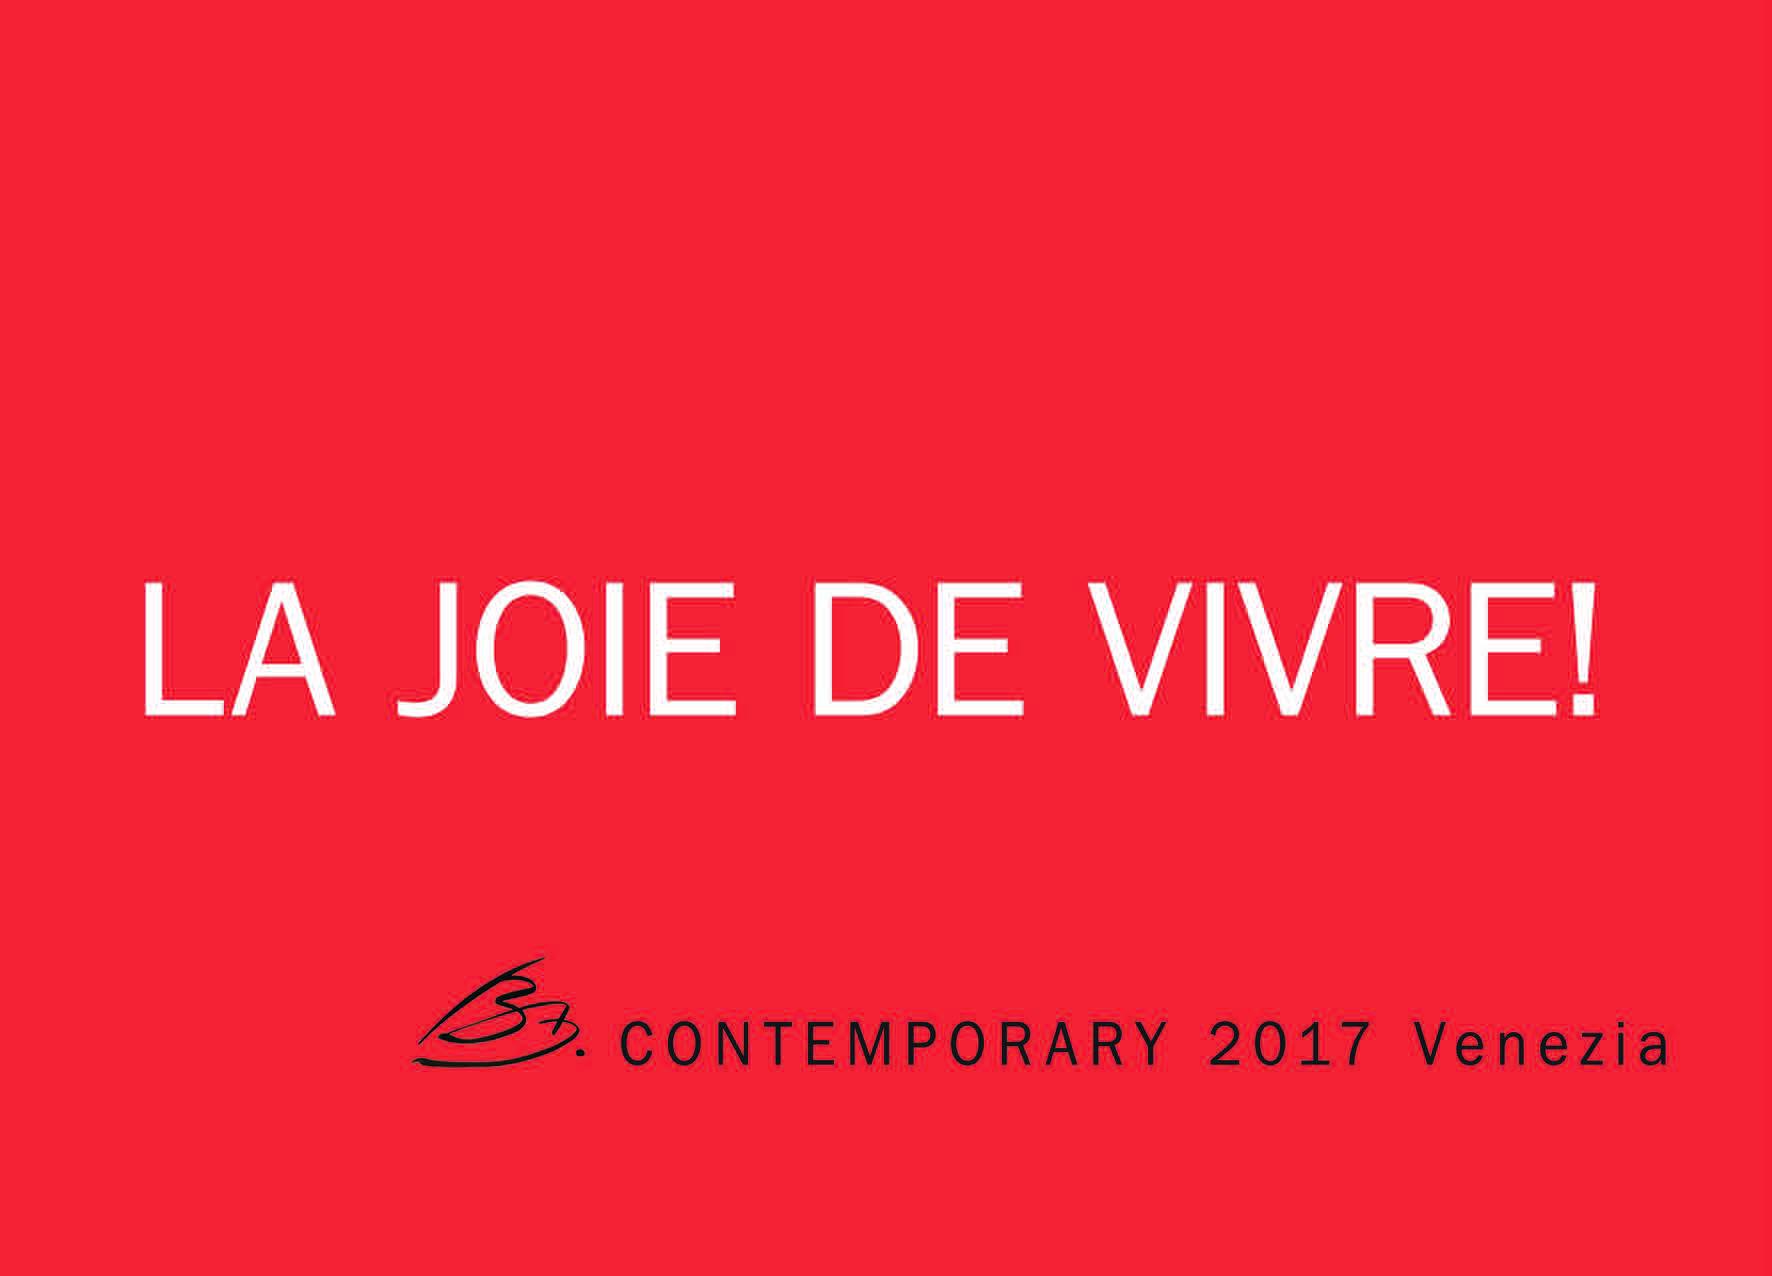 KATALOG_LA-JOIE-DE-VIVRE-2017 jpeg_Страница_01